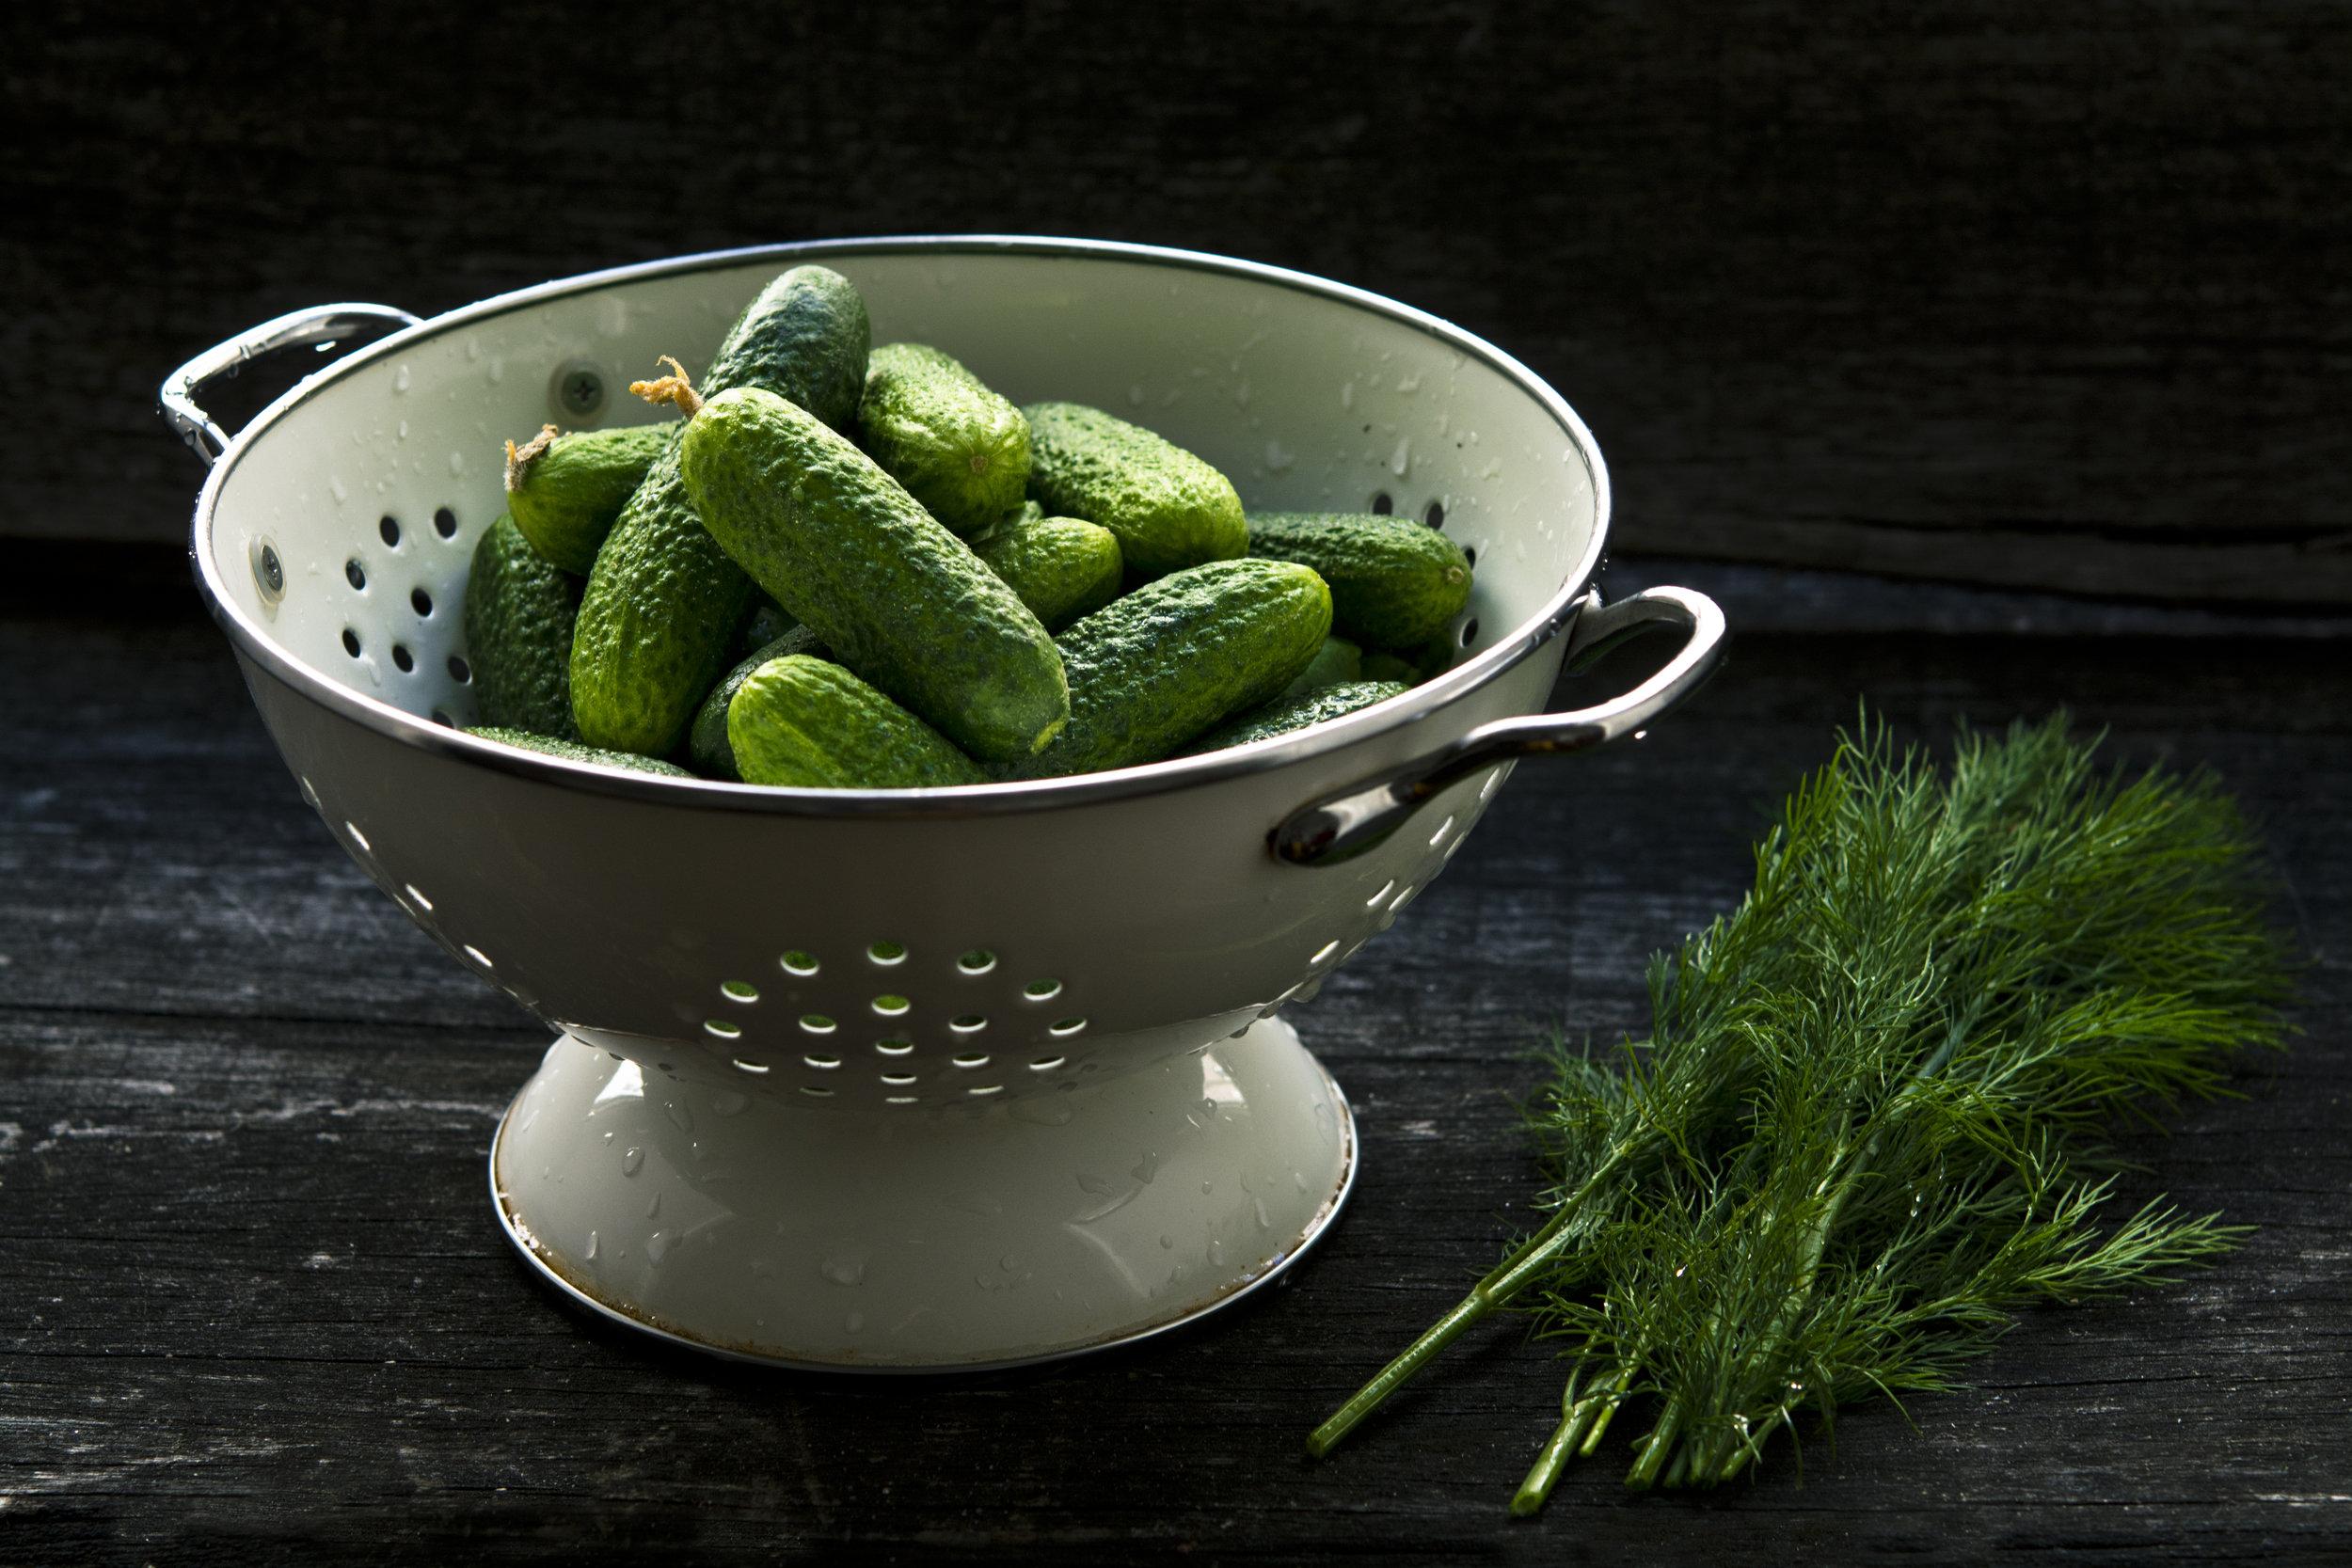 clean fresh cucumbers